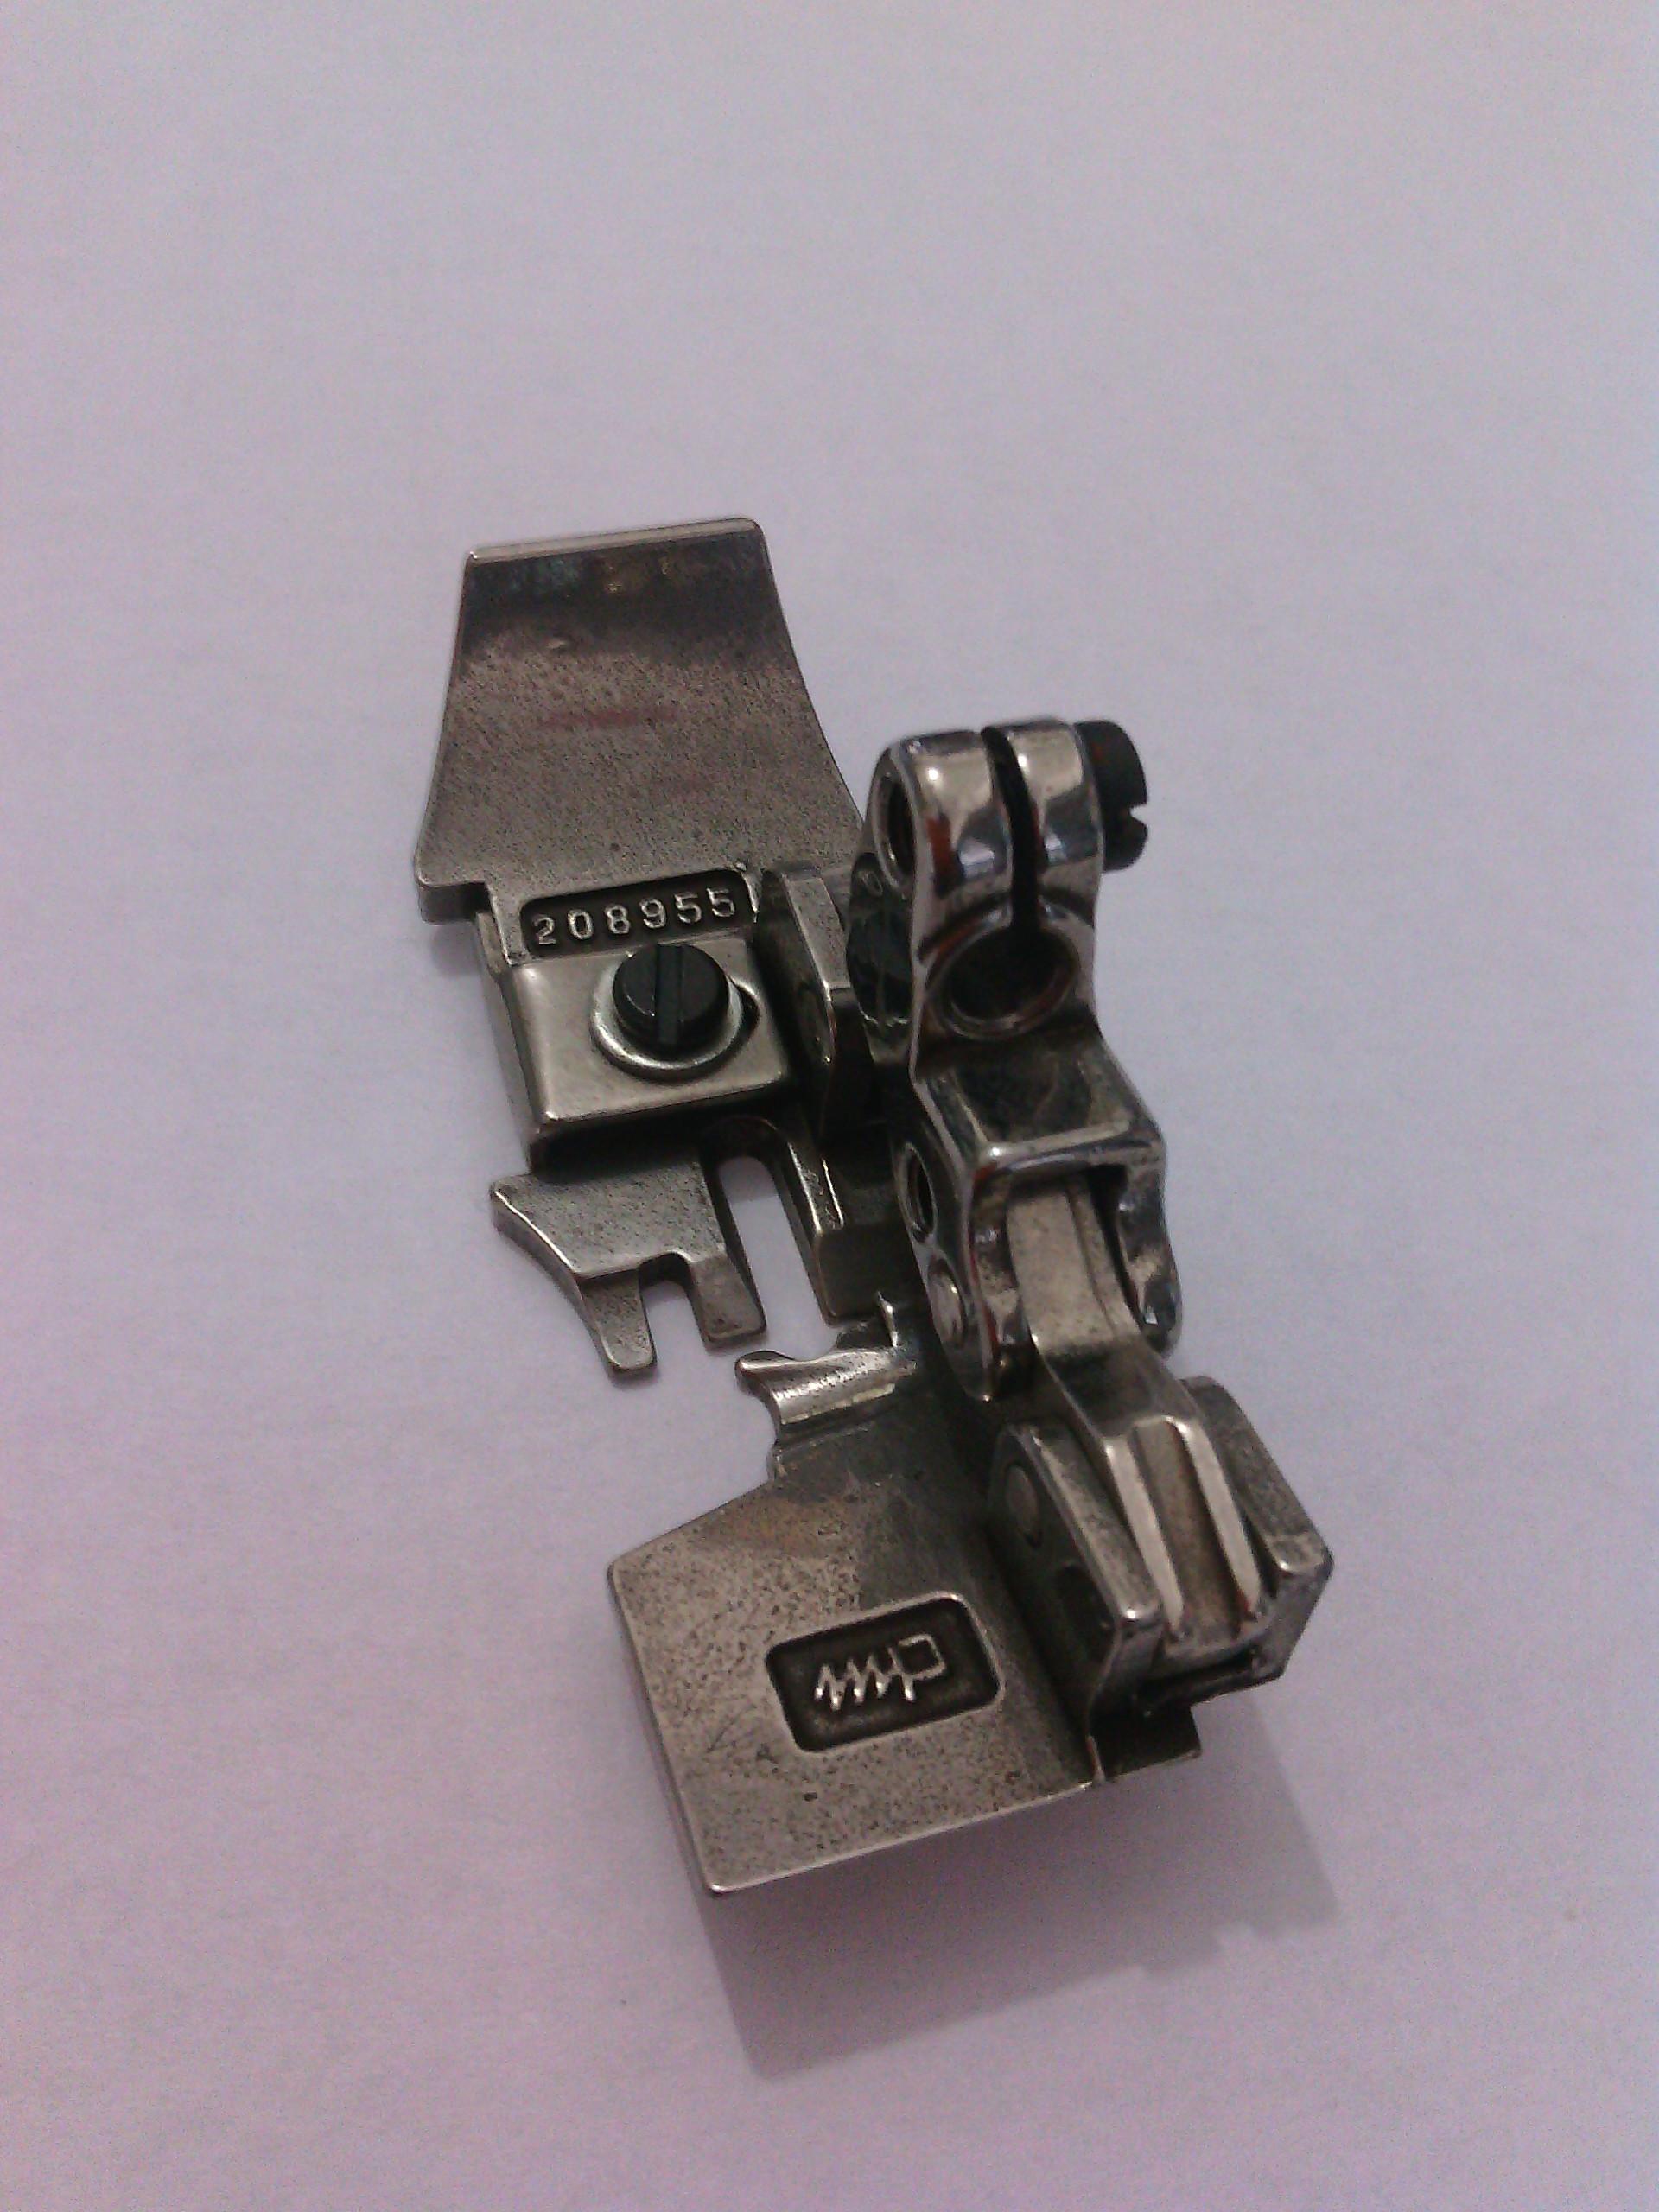 飞马L32-86五线包缝机压脚208955、204668